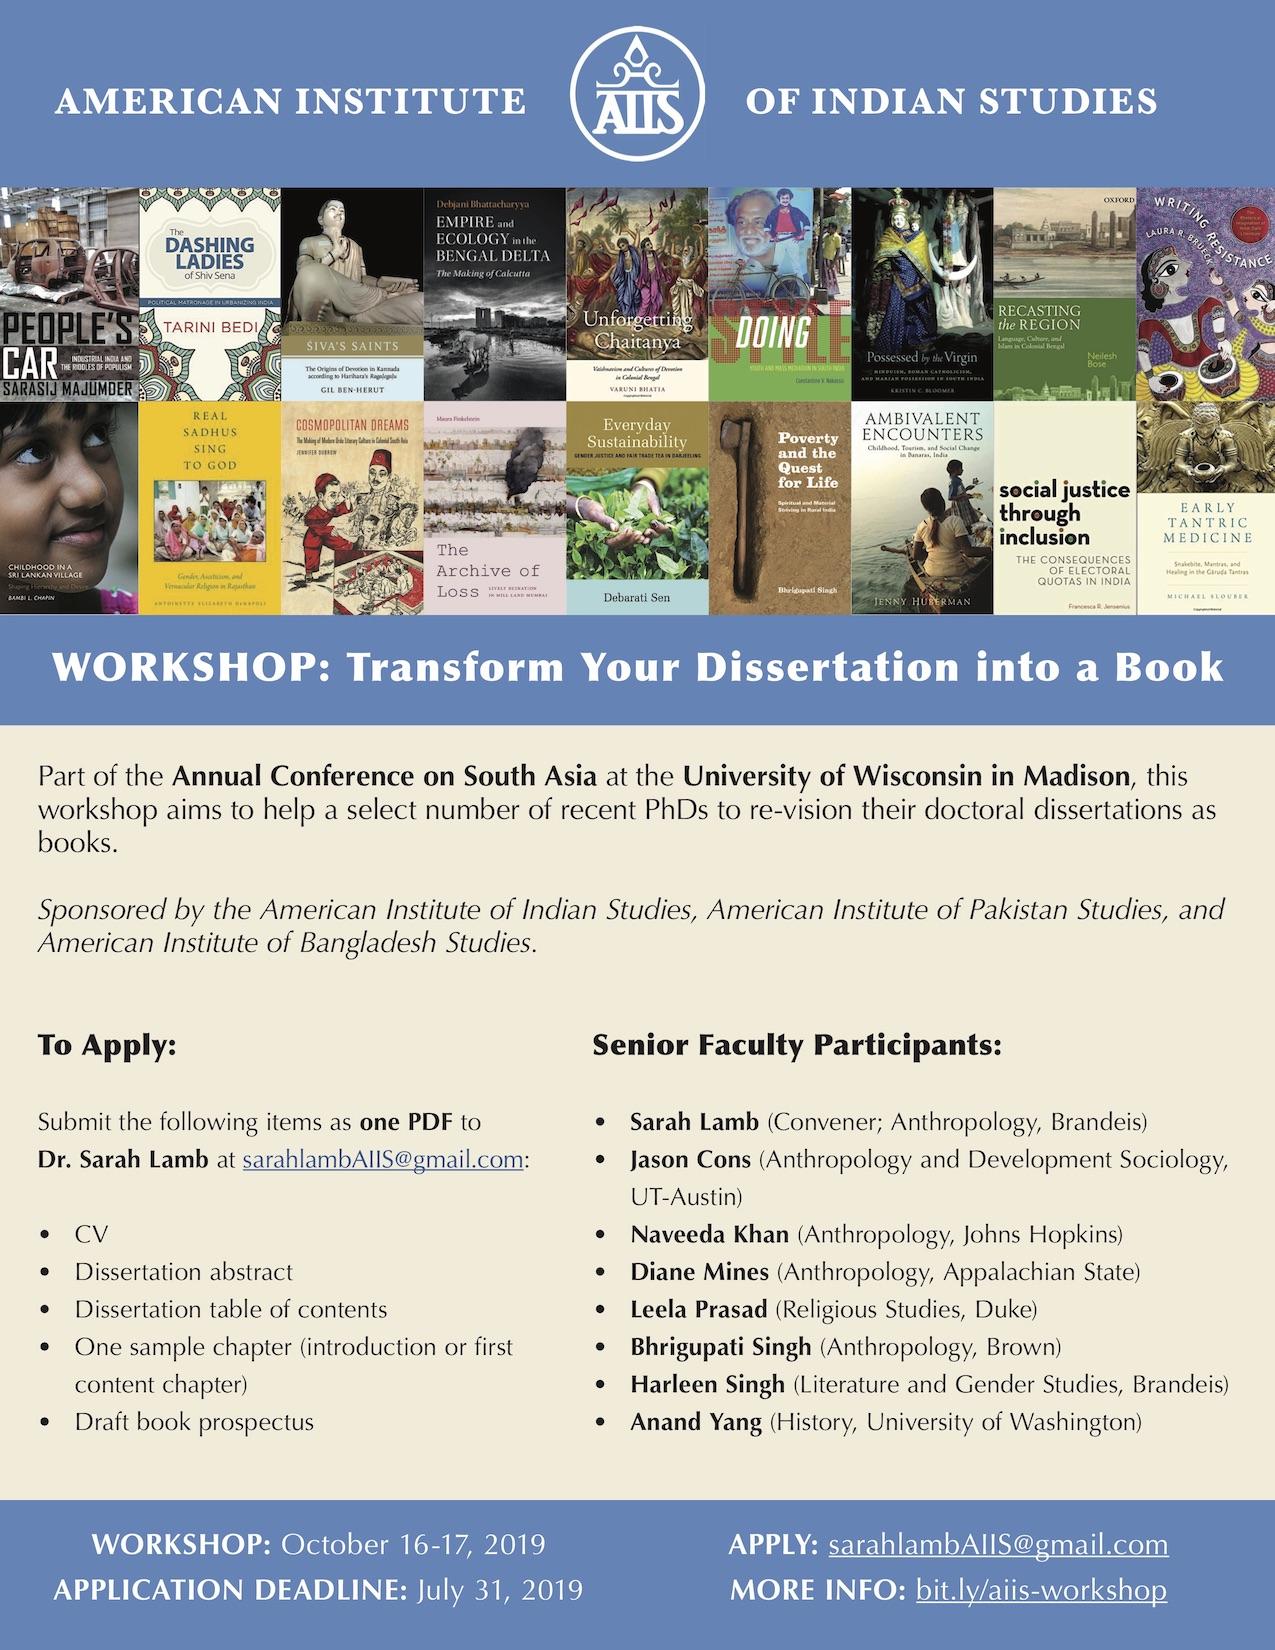 Dissertation workshop